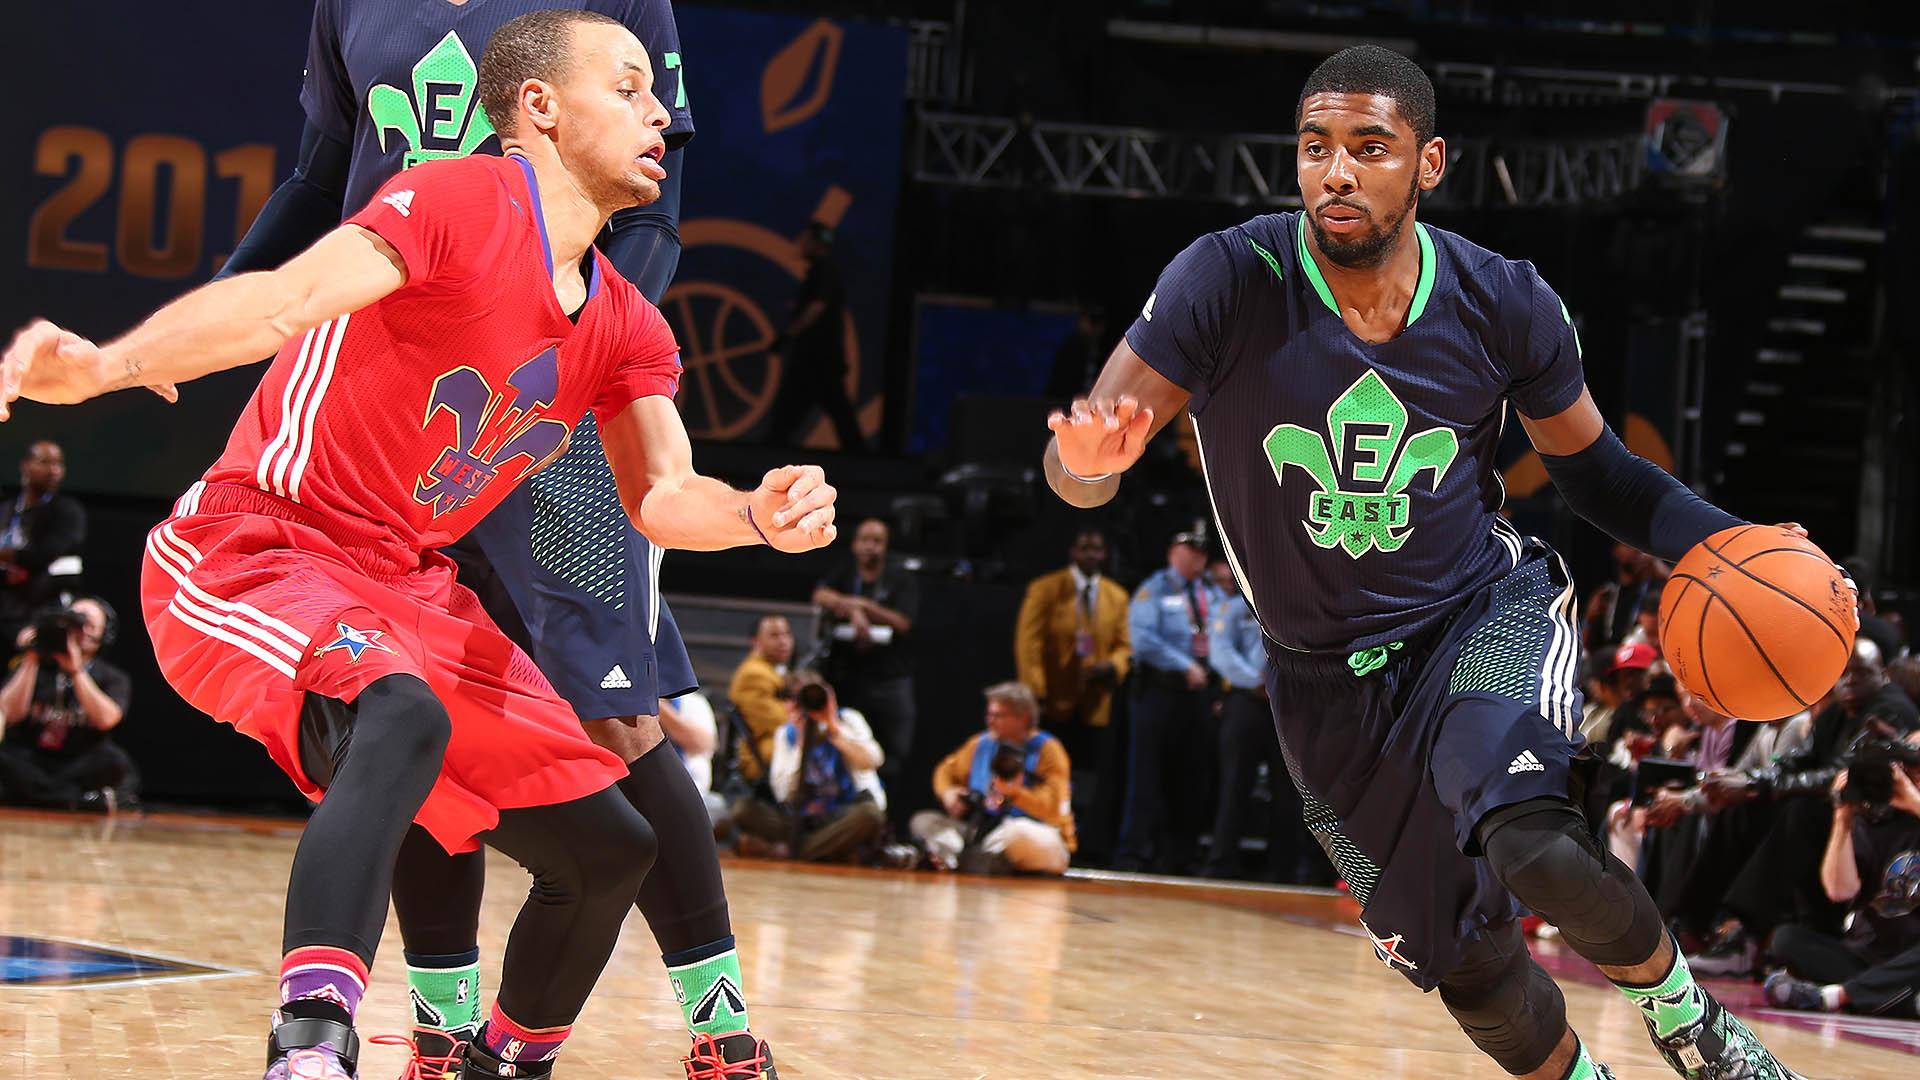 2014 NBA All-Star recap